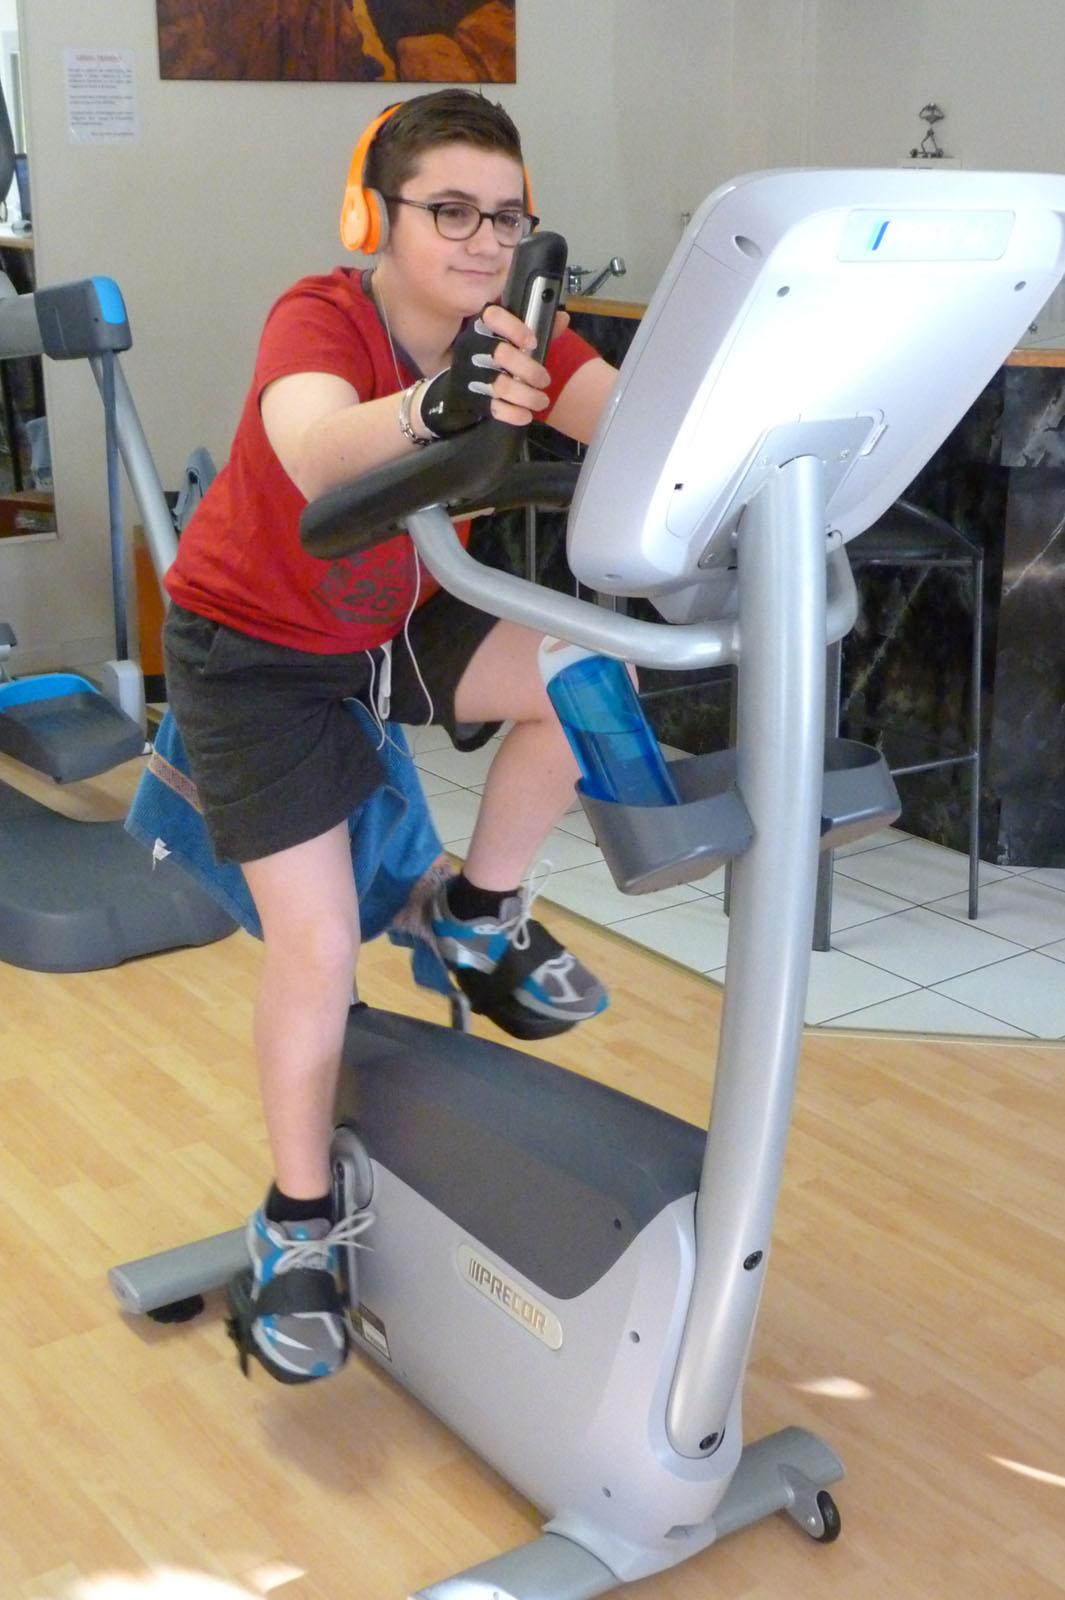 Salle de sport Bergerac Vélo droit UBK 835 Precor 3